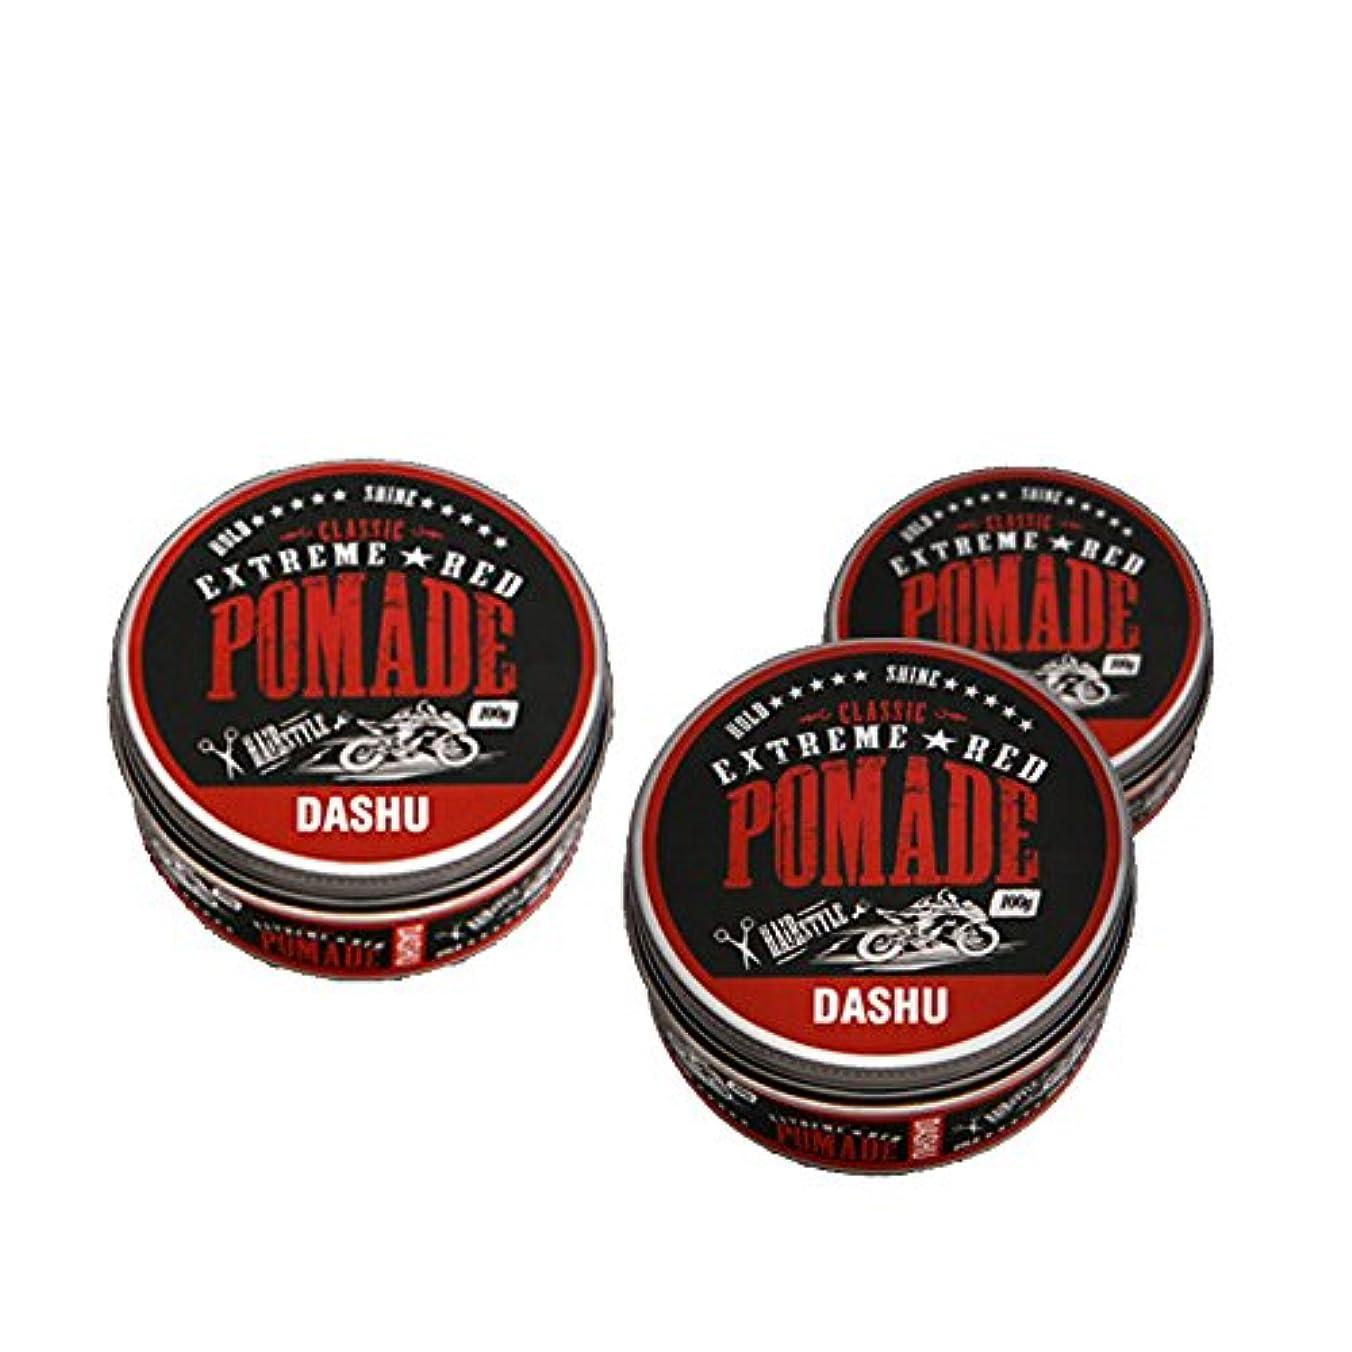 悲しむ団結エレベーター(3個セット) x [DASHU] ダシュ クラシックエクストリームレッドポマード Classic Extreme Red Pomade Hair Wax 100ml / 韓国製 . 韓国直送品